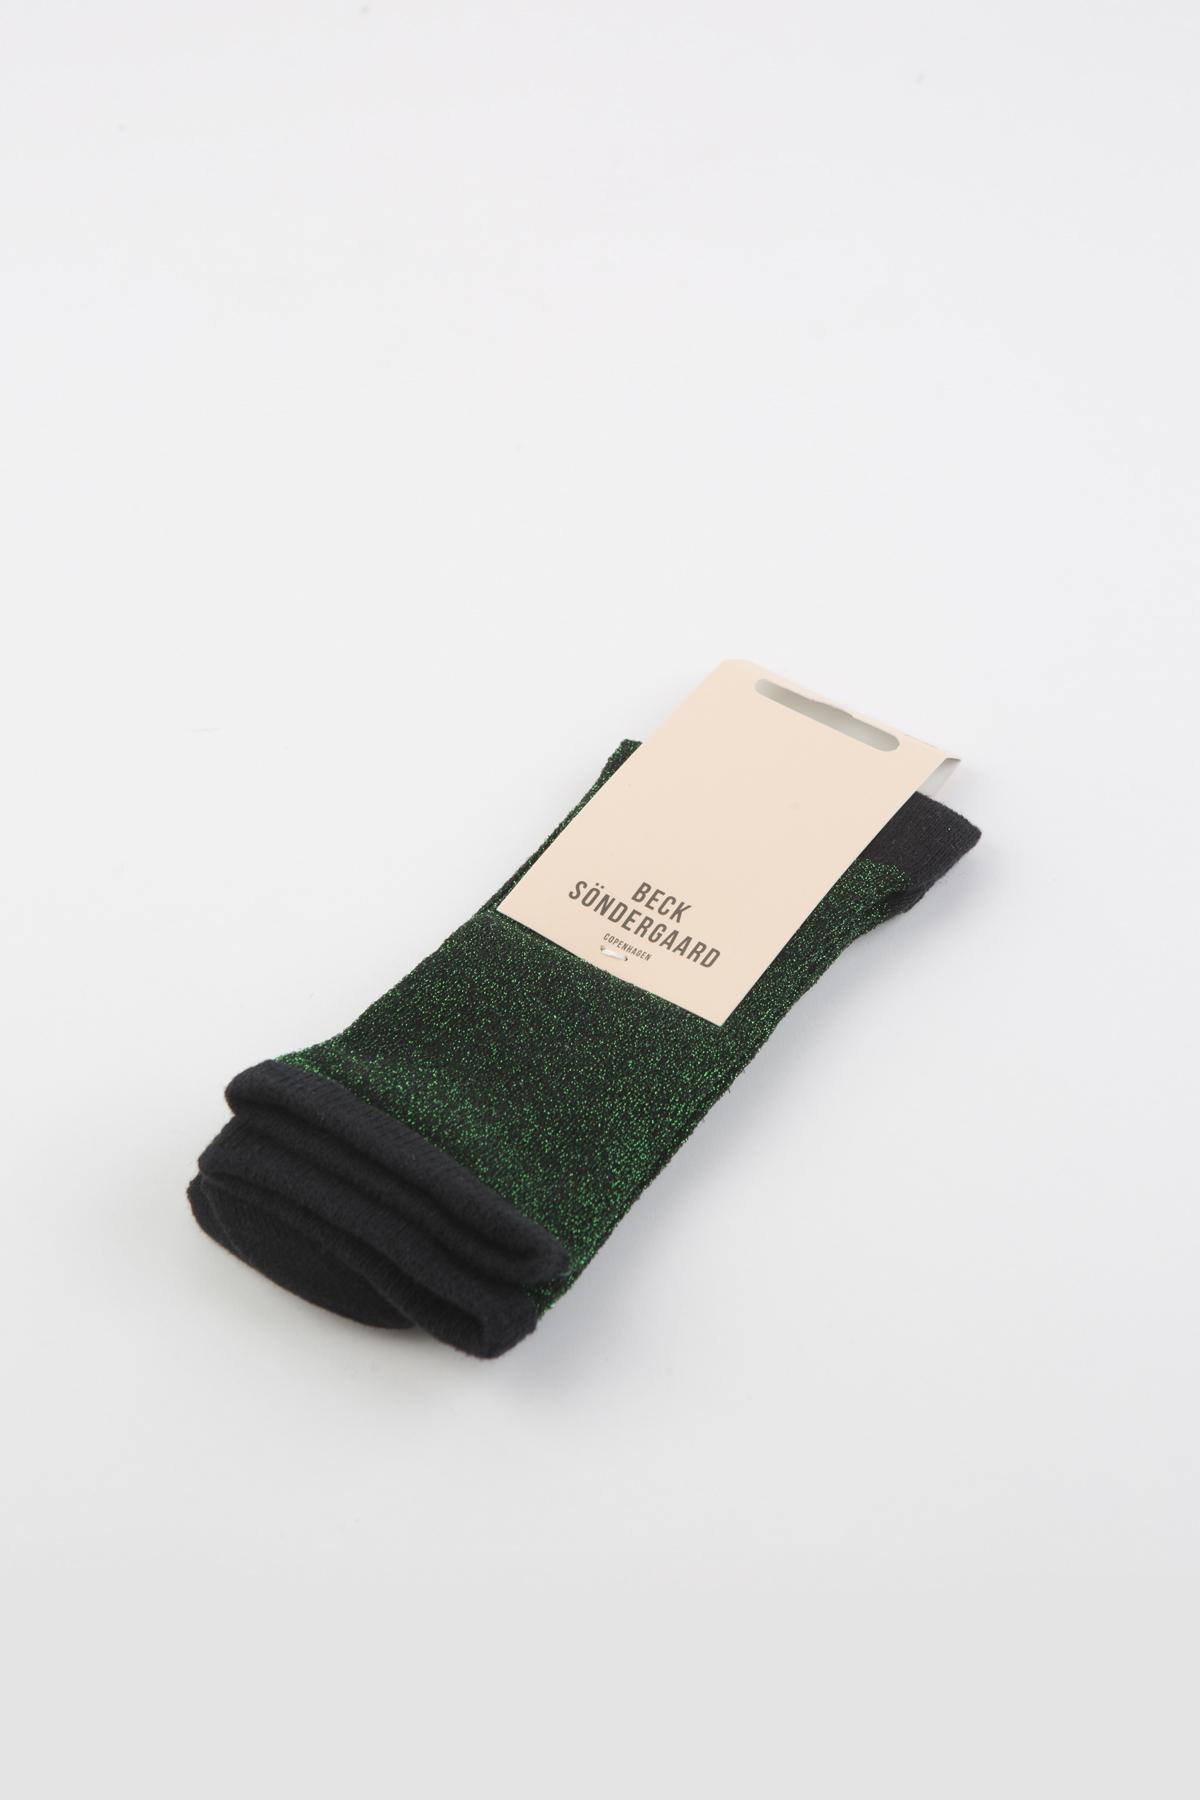 dina-solid-glitter-botanical-green-socks-becksondergaard-matchboxathens